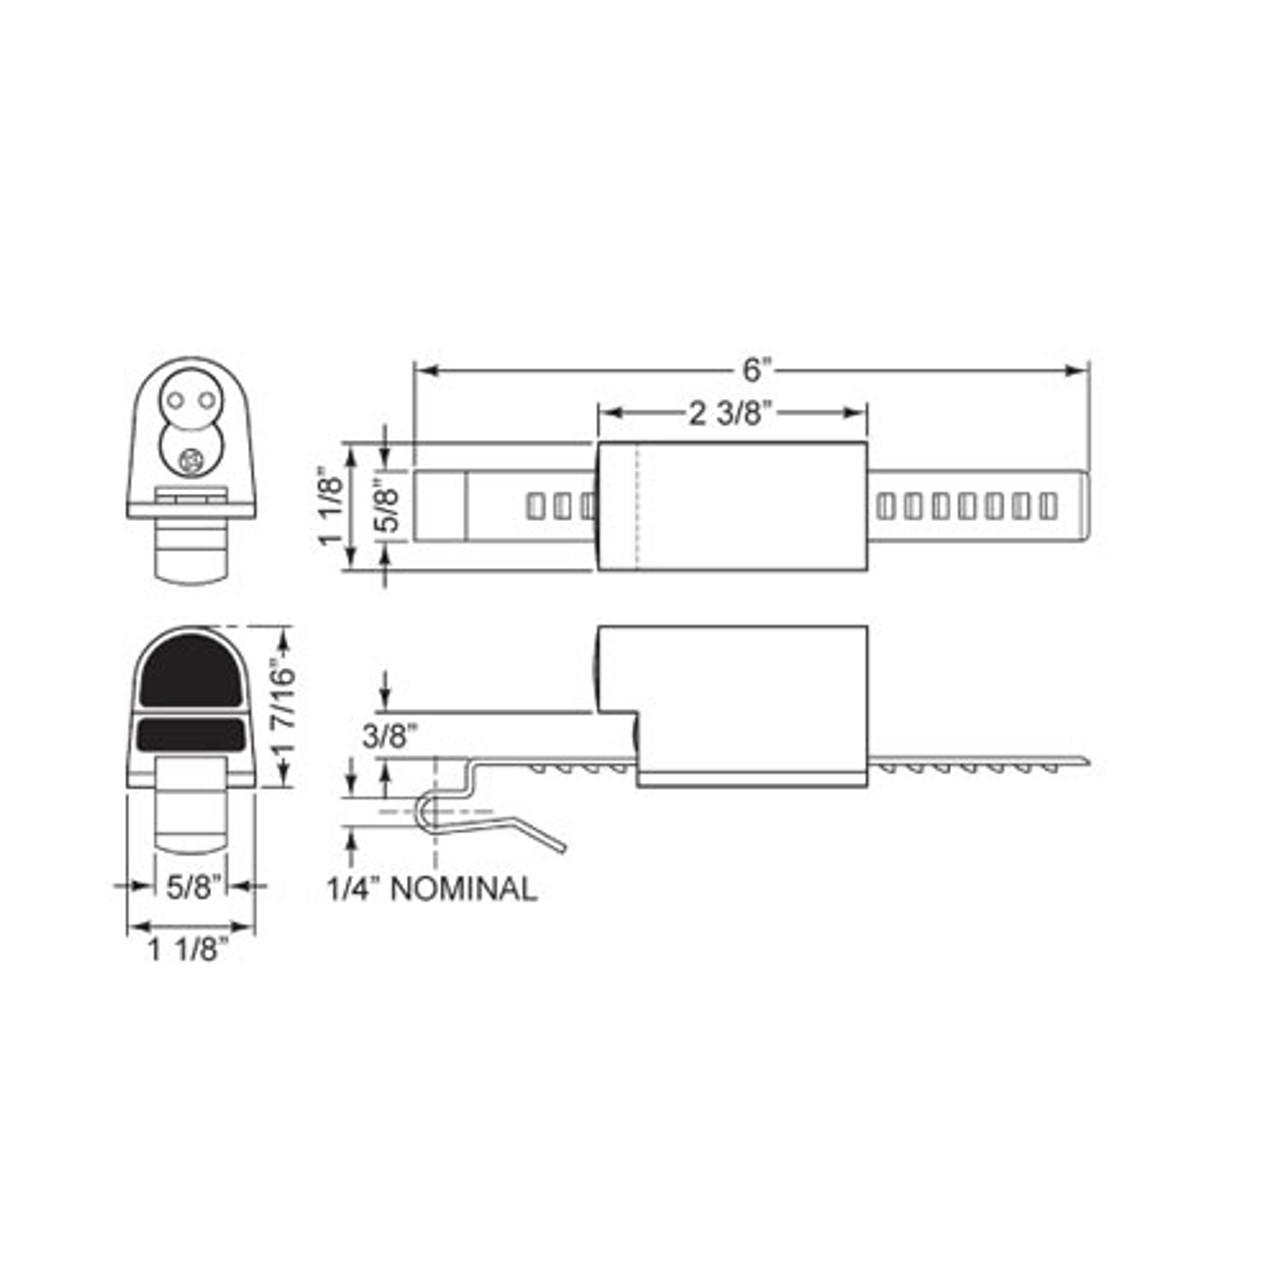 Olympus 729R-26D Showcase/Ratchet Lock for Sliding Doors in Satin Chrome